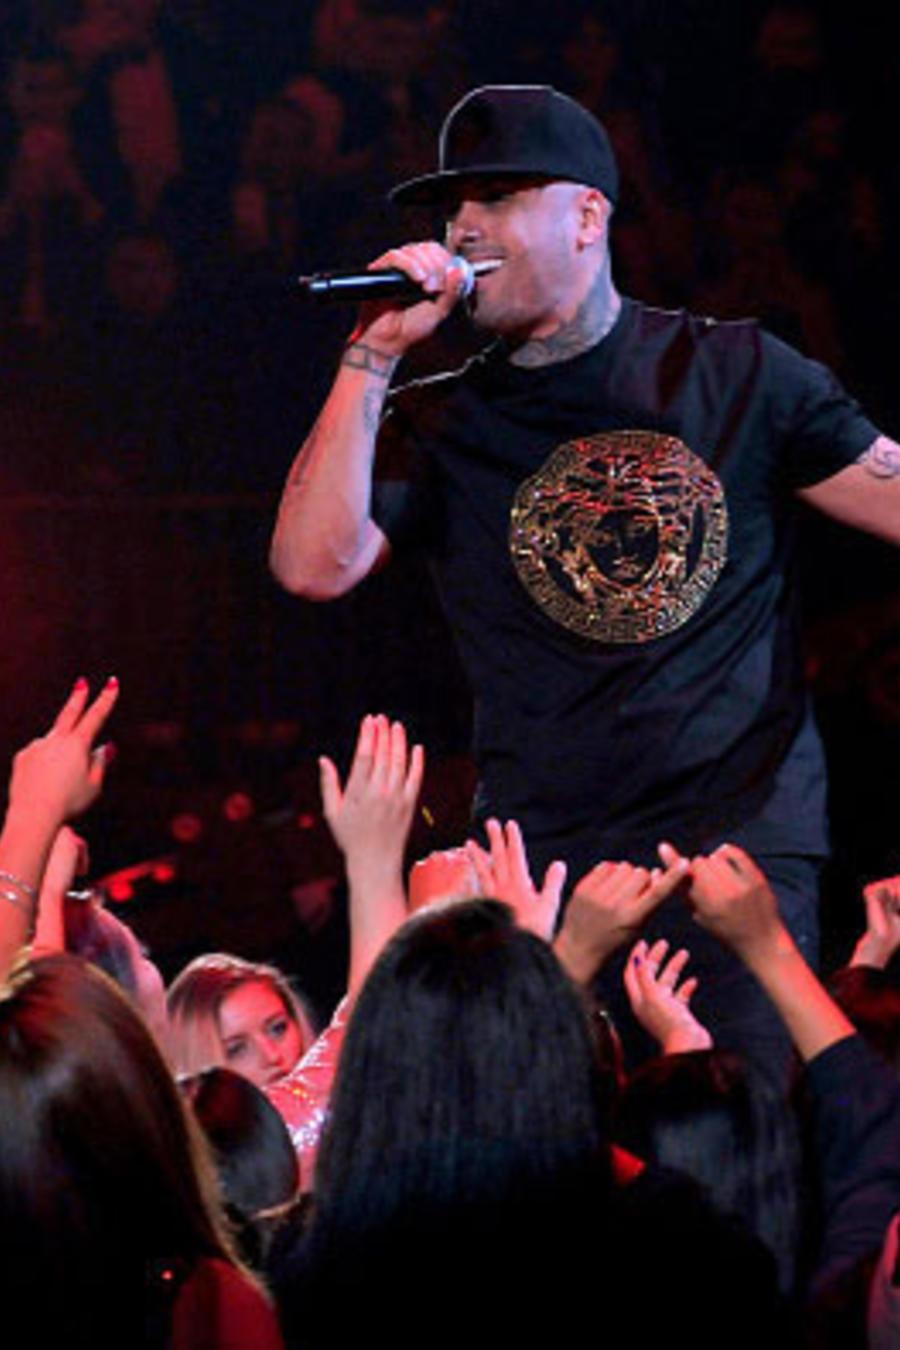 Nicky Jam Latin Billboards